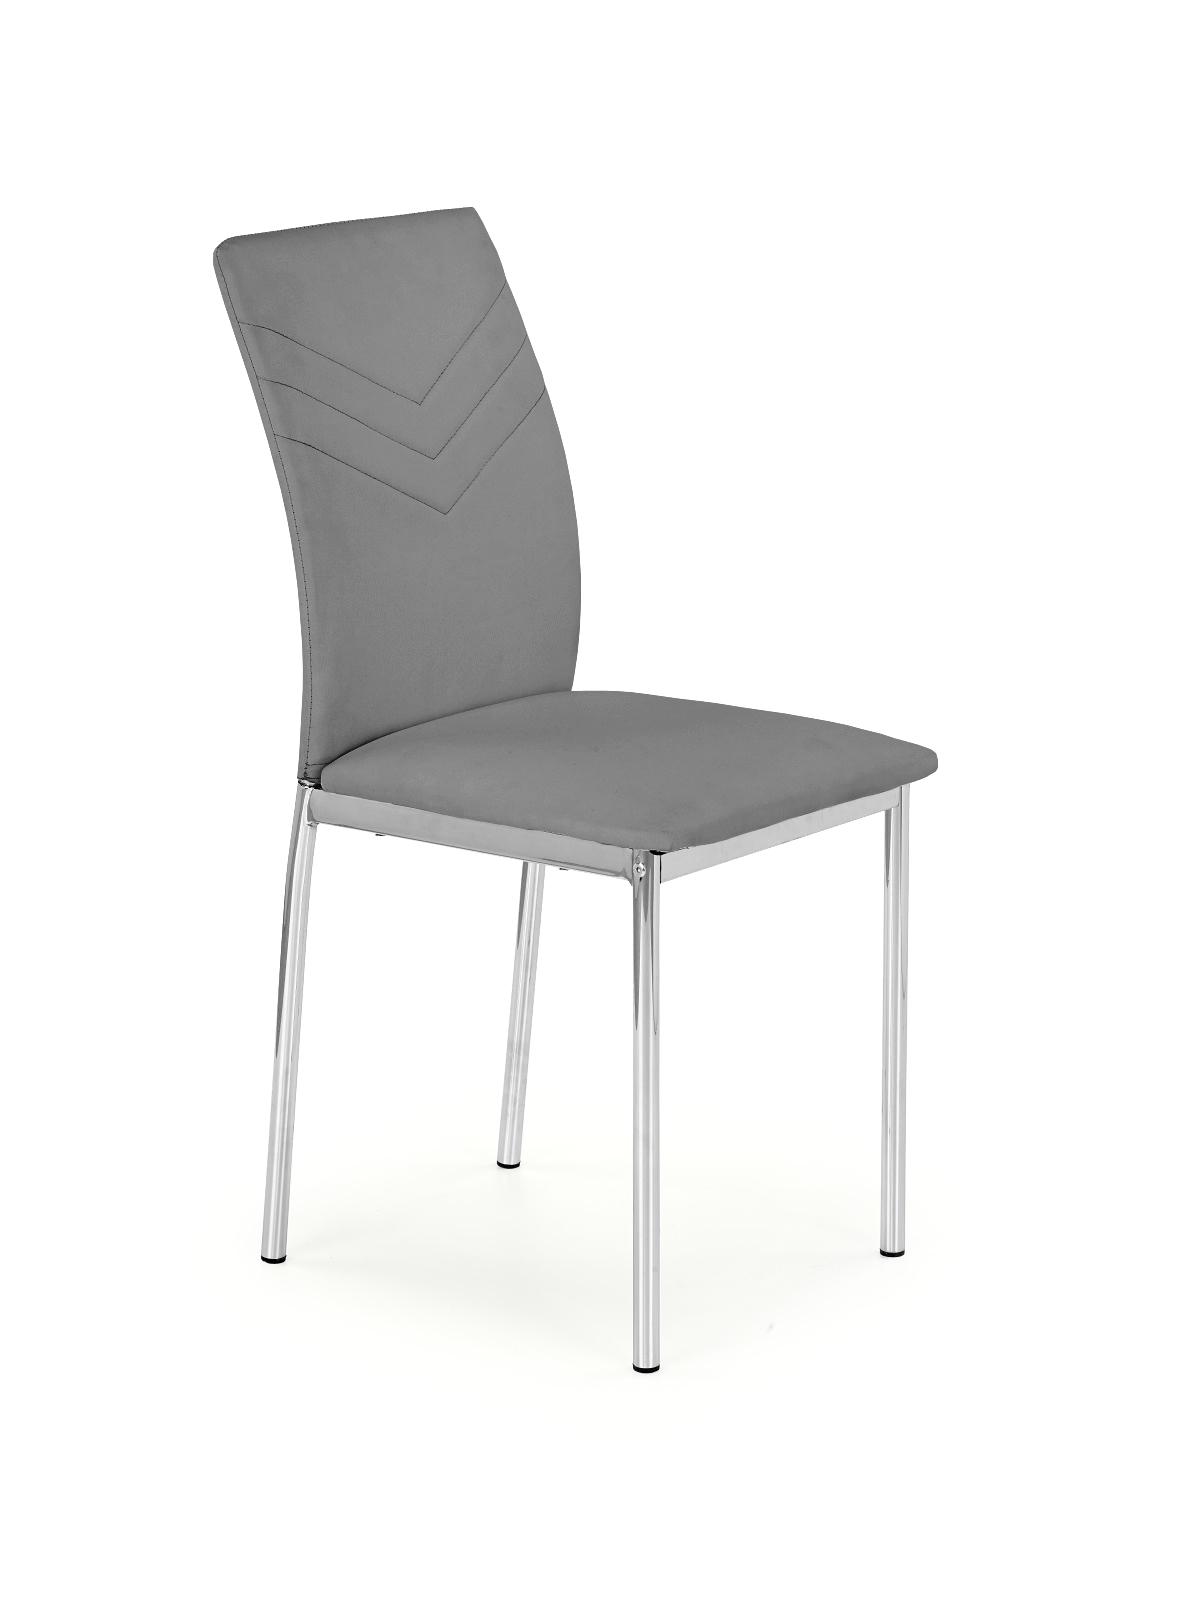 Scaun tapitat cu piele ecologica, cu picioare metalice K137 Grey, l43xA49xH92 cm